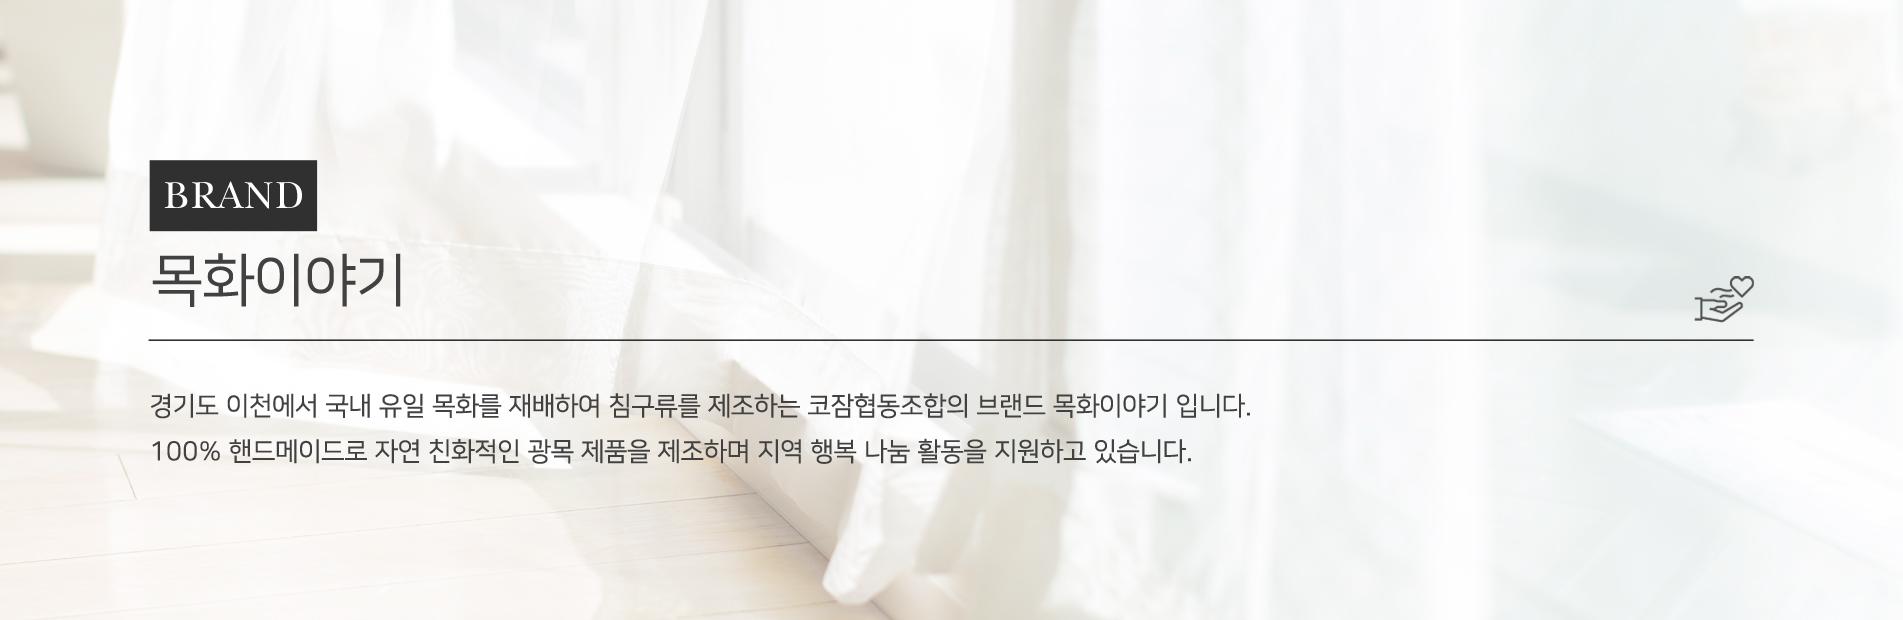 30밀리스토어 소셜가 목화이야기 브랜드 소개